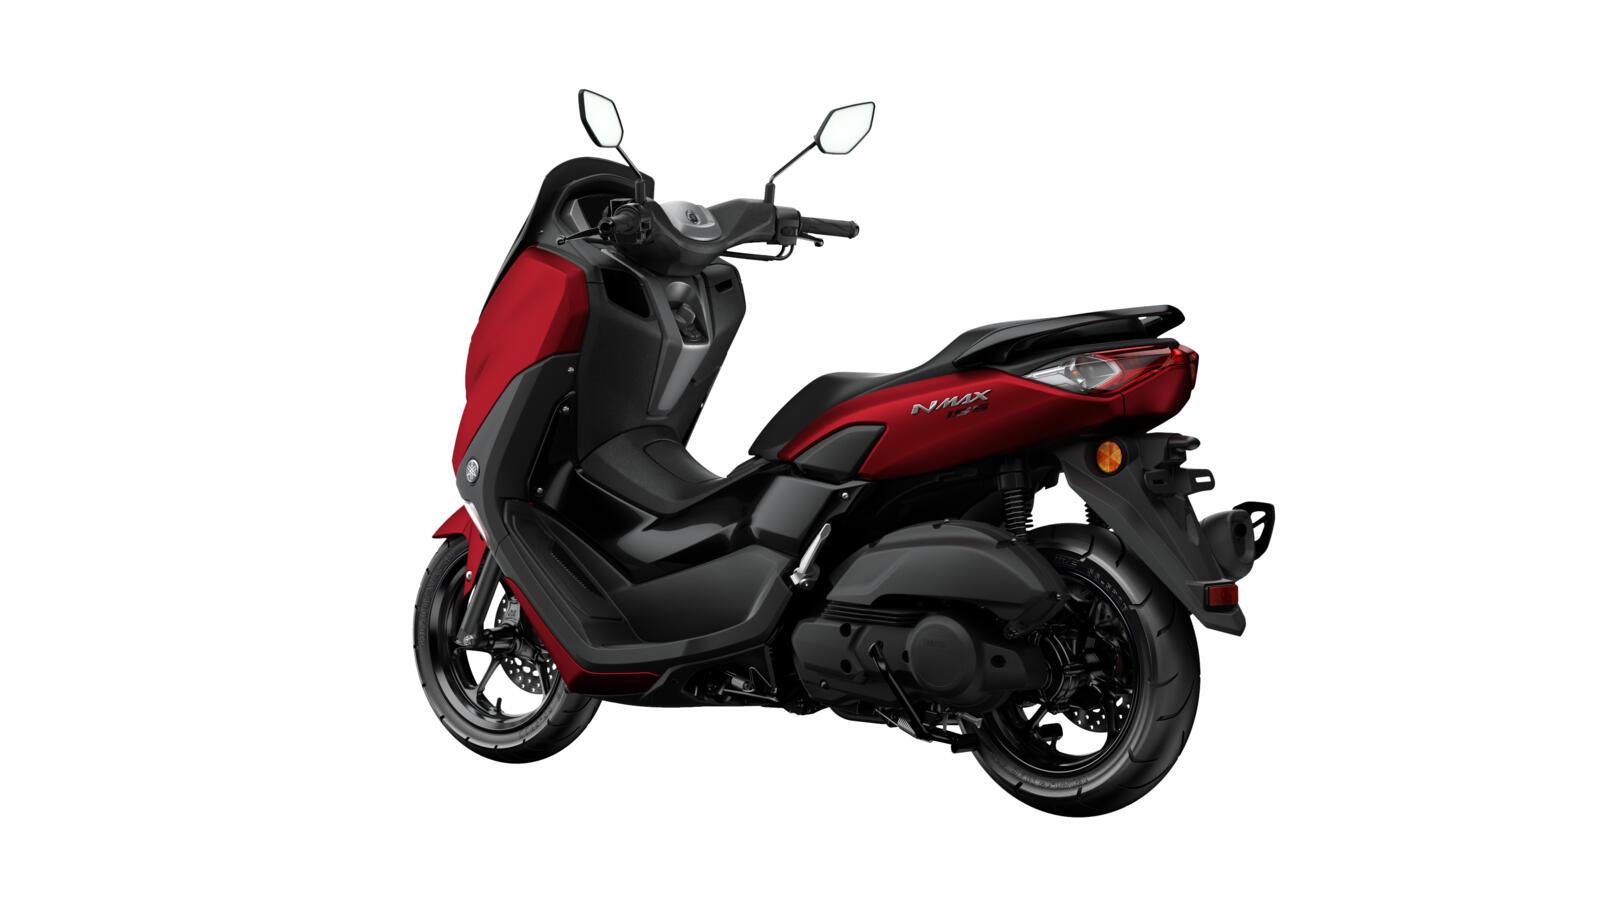 Yamaha NMAX 155 rood